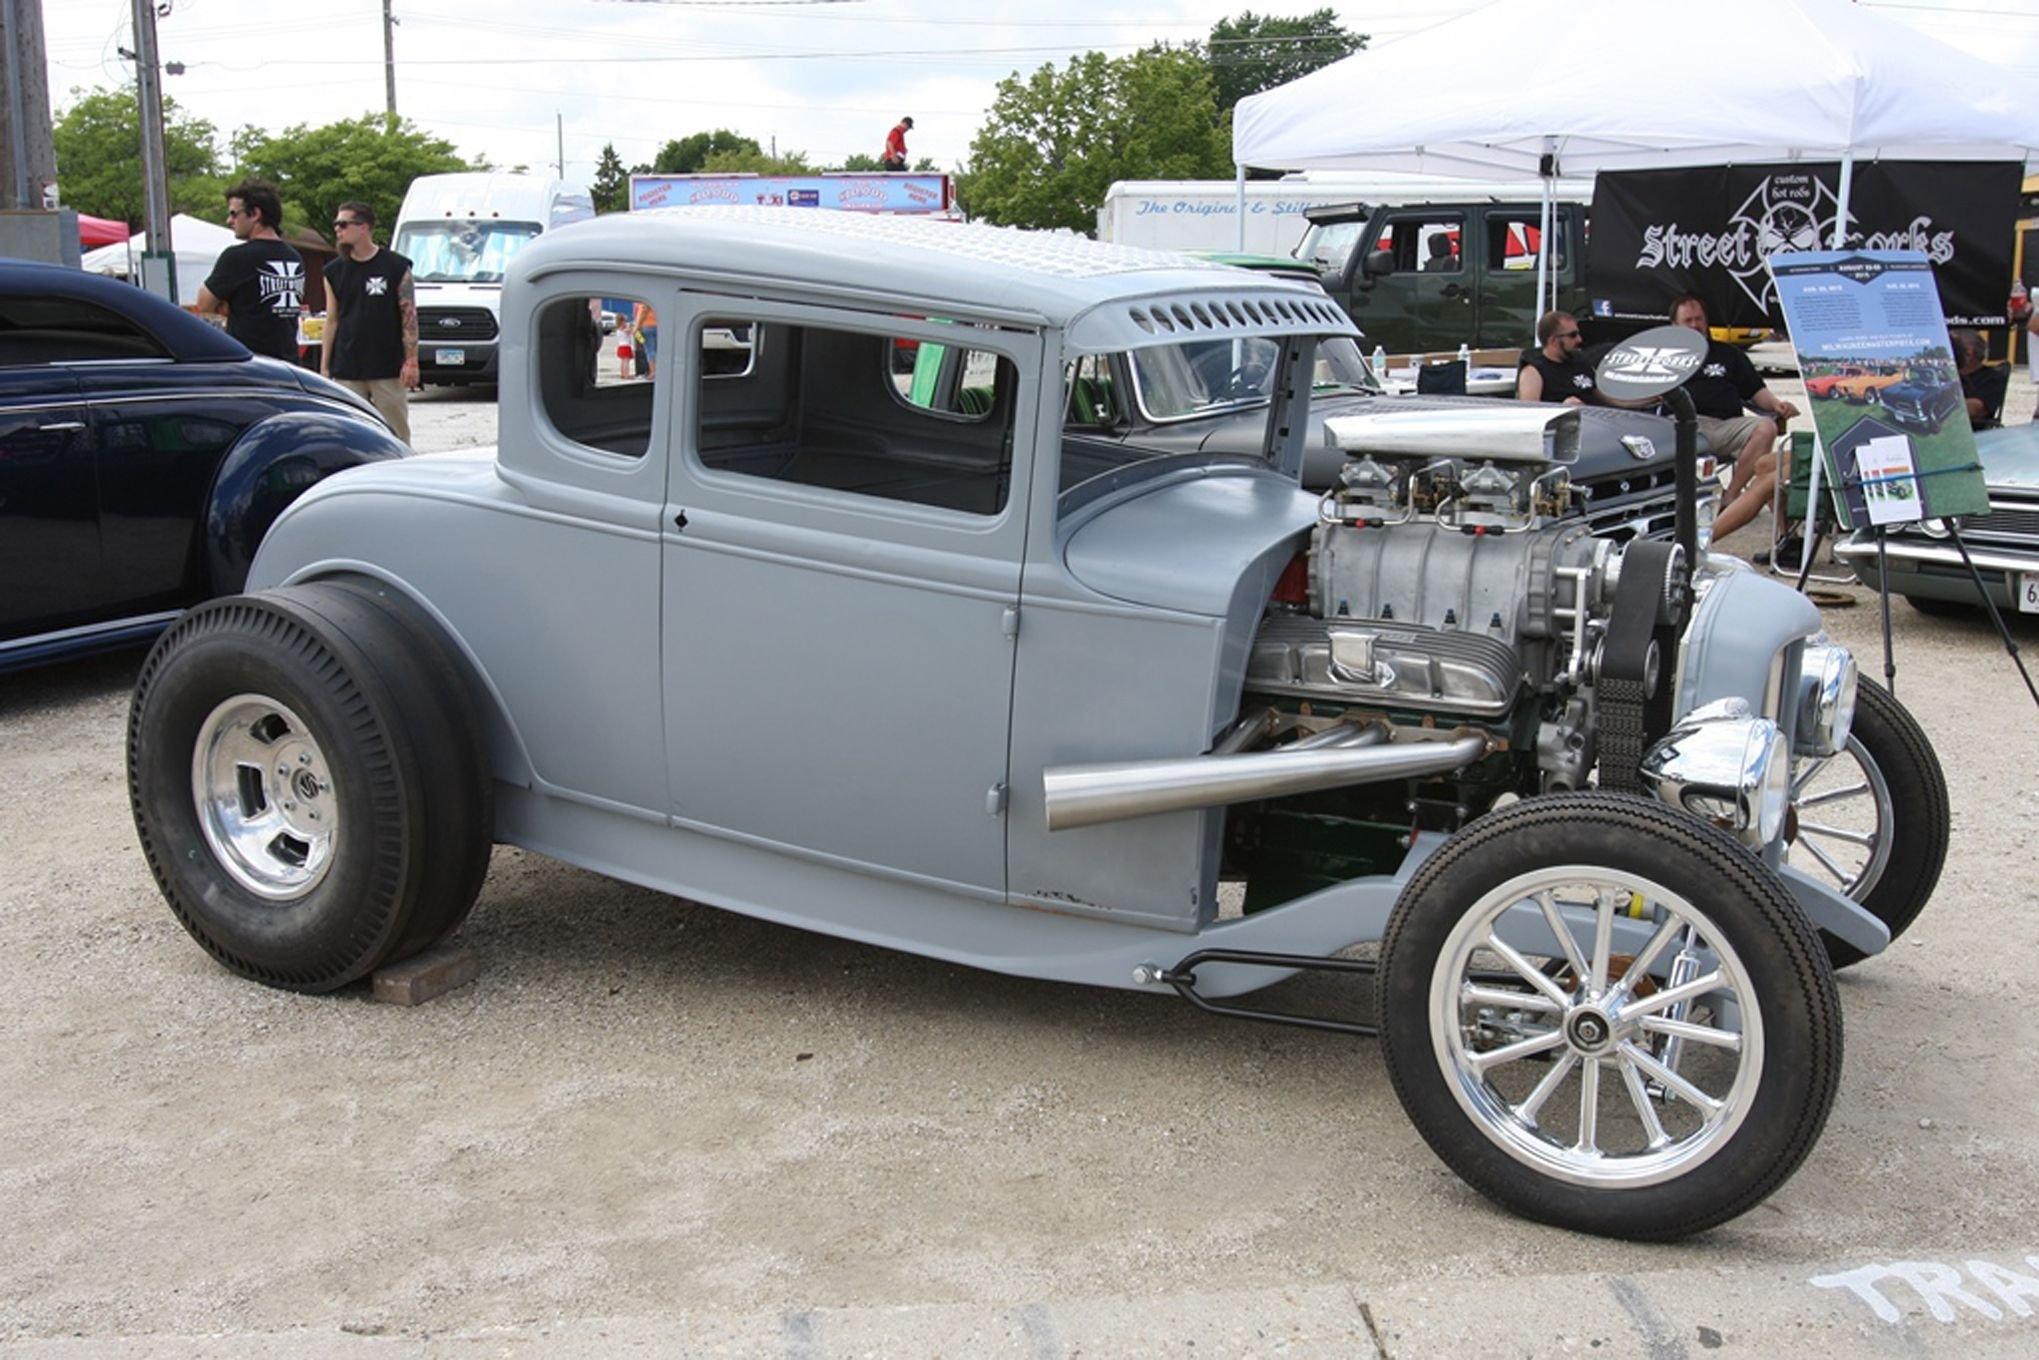 1930 ford model a coupe five window hot rod hotrod drag. Black Bedroom Furniture Sets. Home Design Ideas